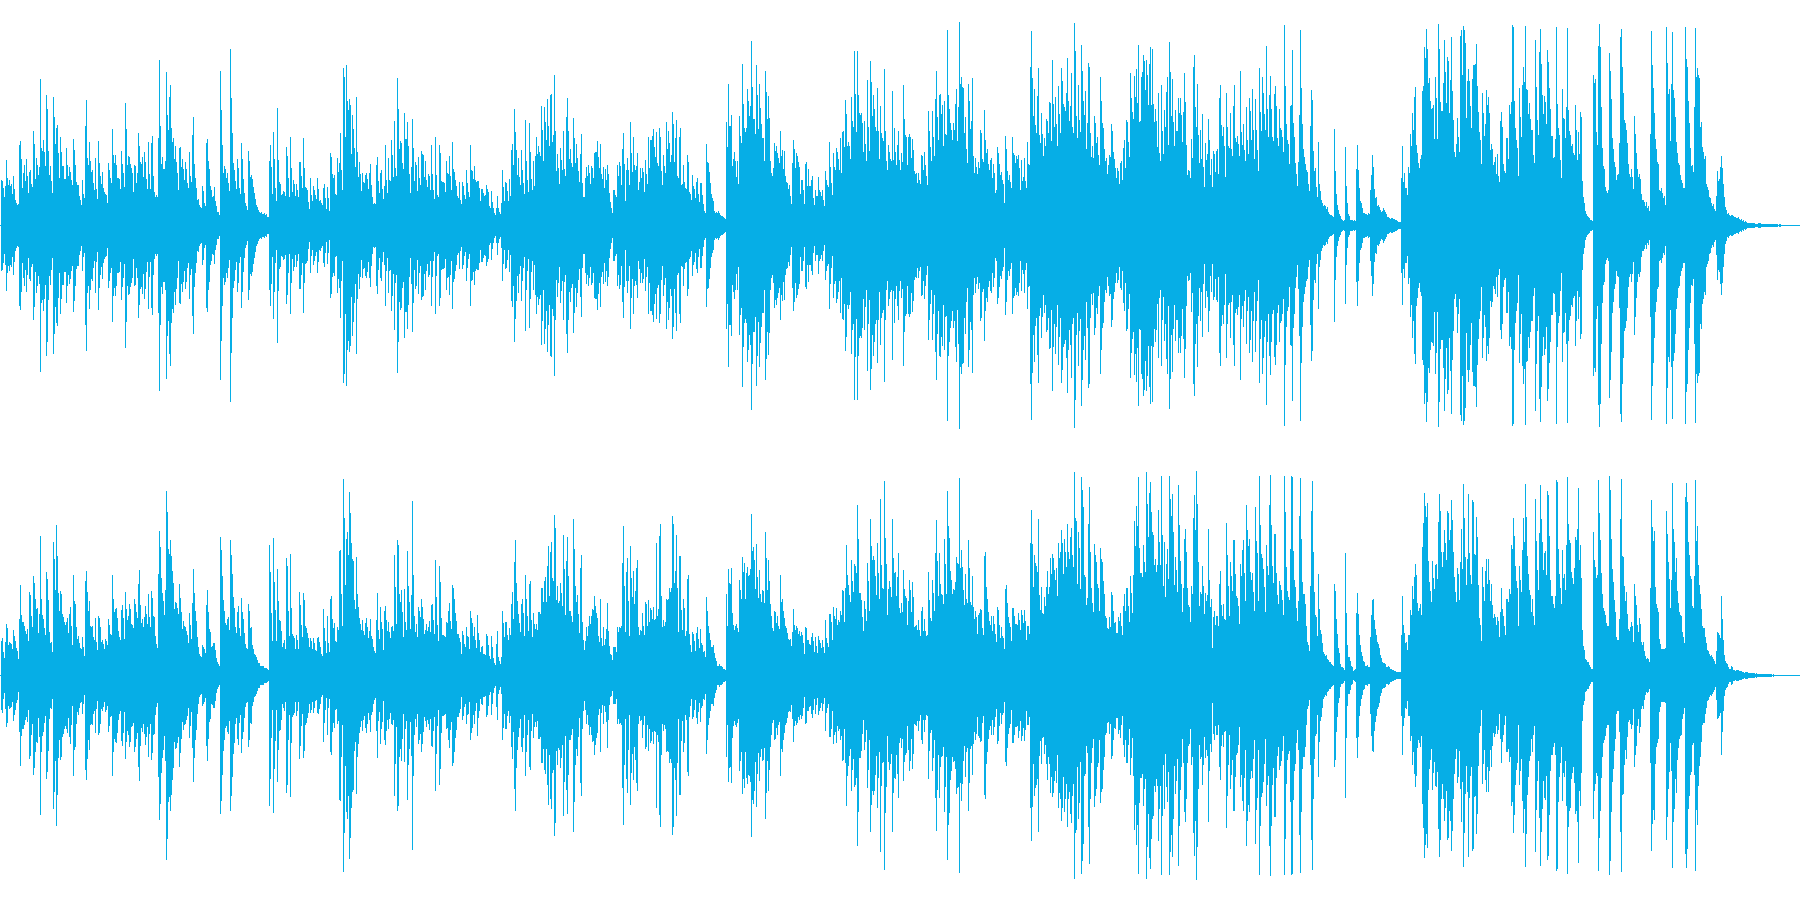 広がりのあるしっとりとしたピアノBGMの再生済みの波形